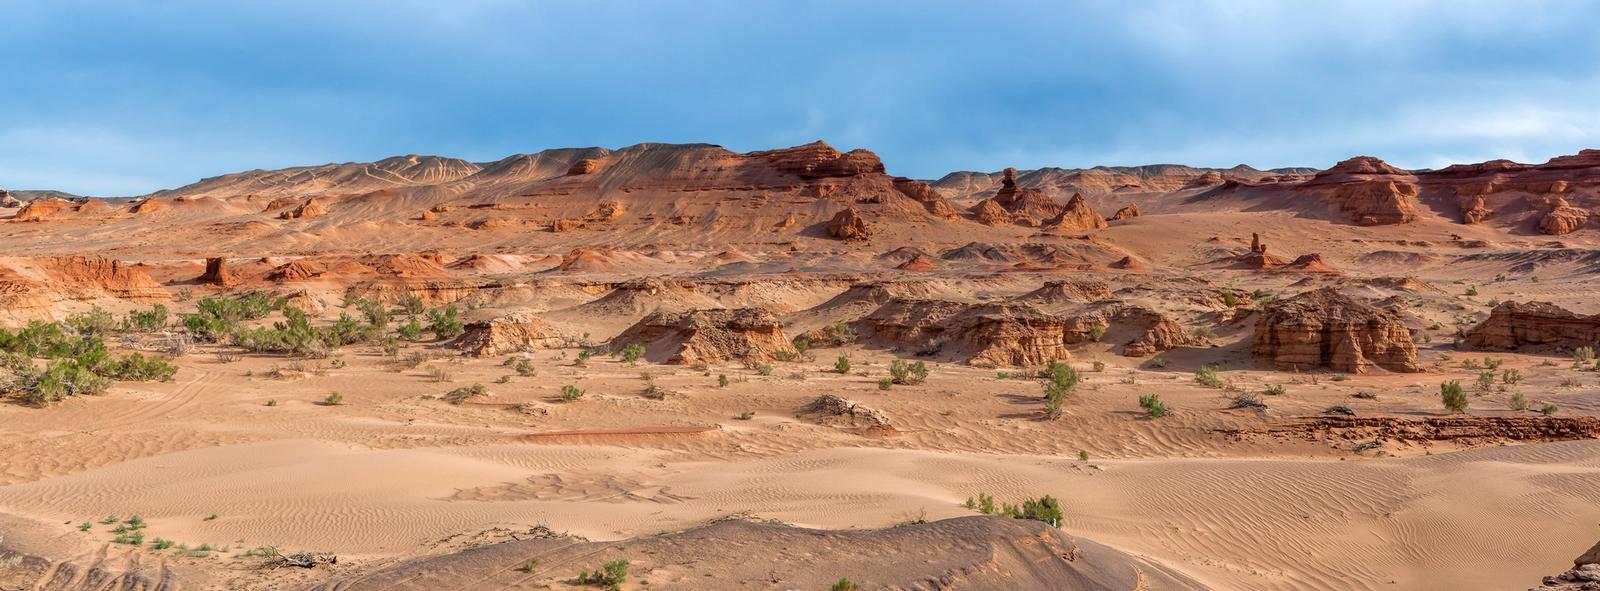 Deserto della Mongolia